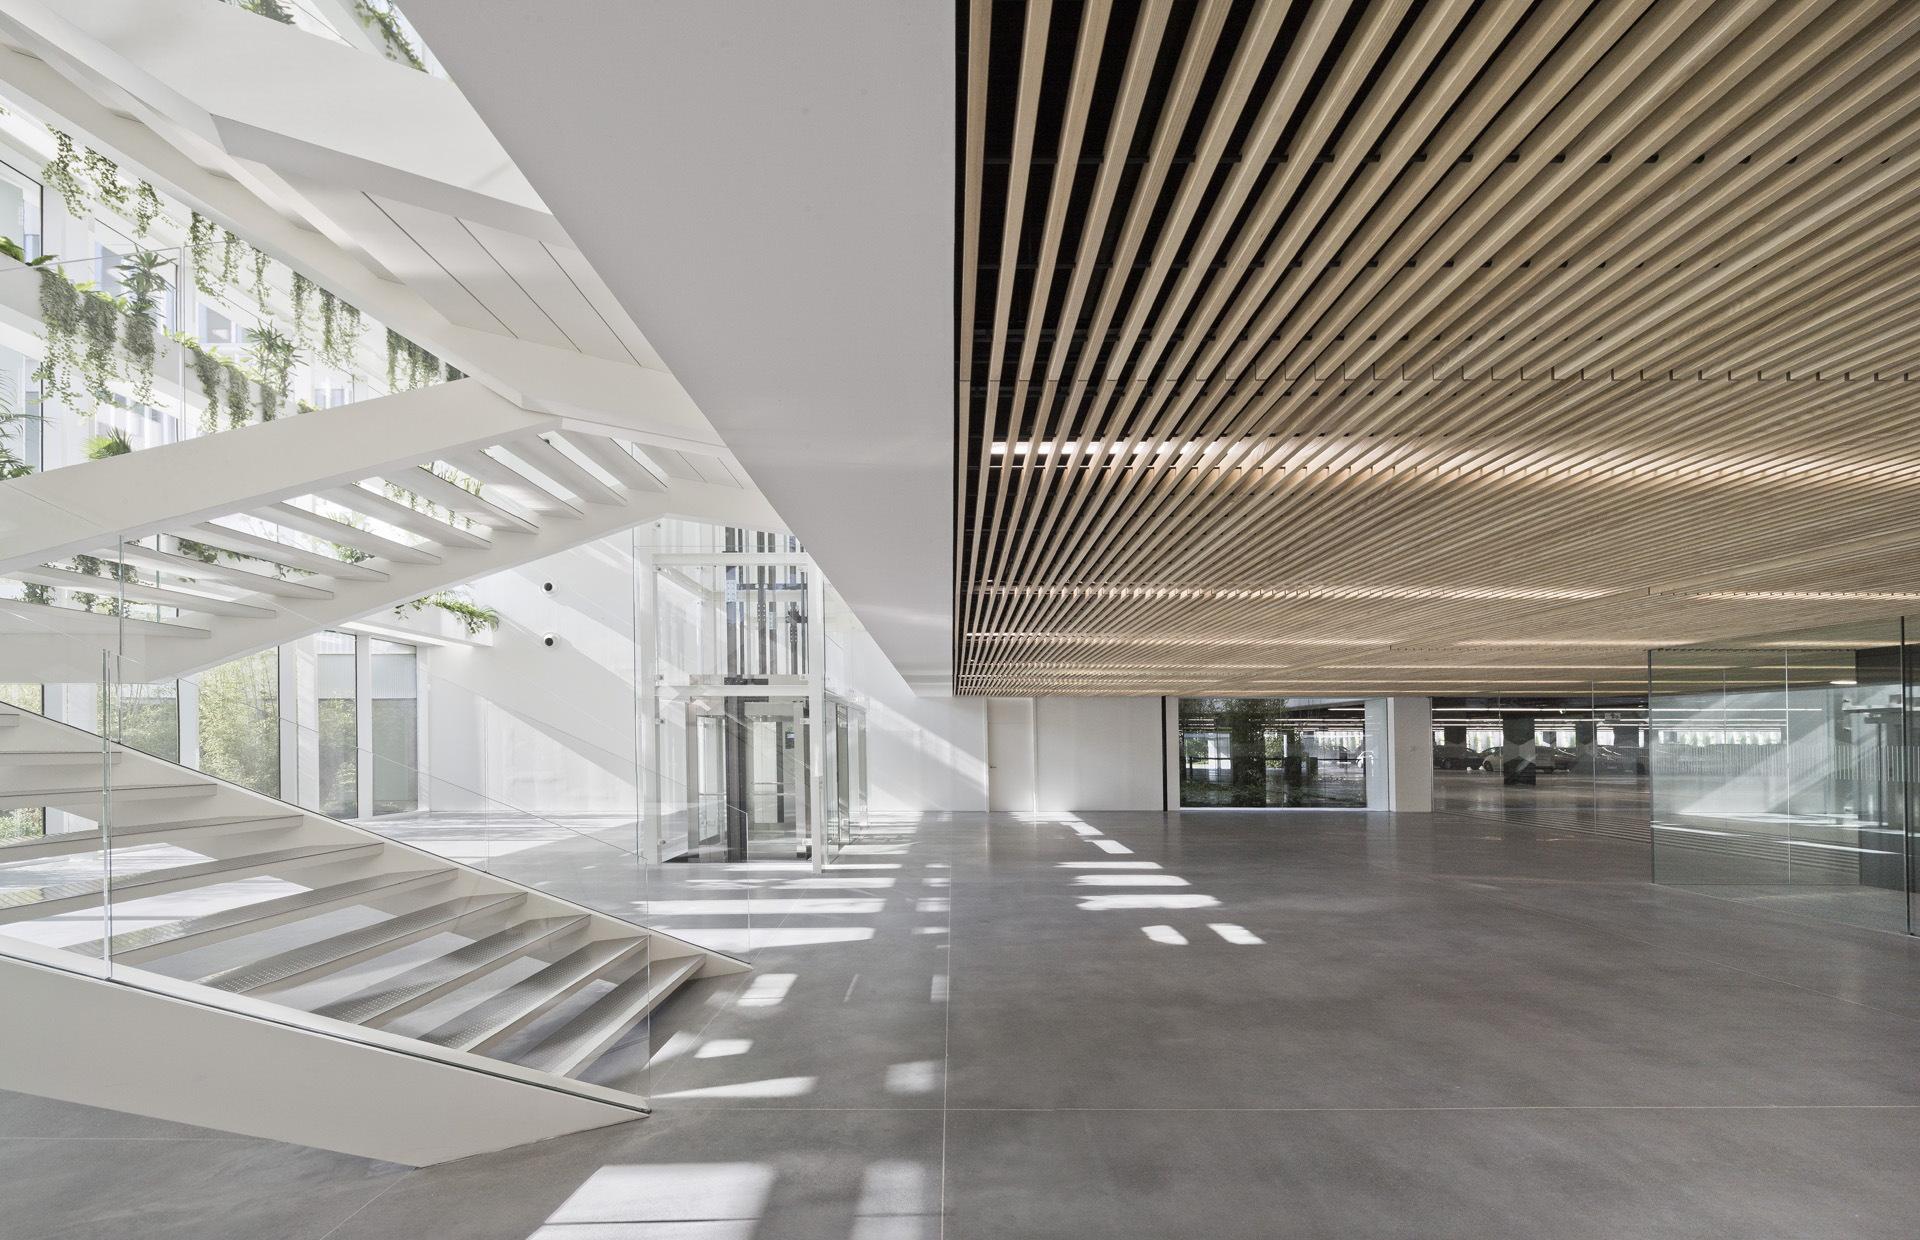 Batlle I Roig: new Stradivarius headquarters in Cerdanyola del Vallès